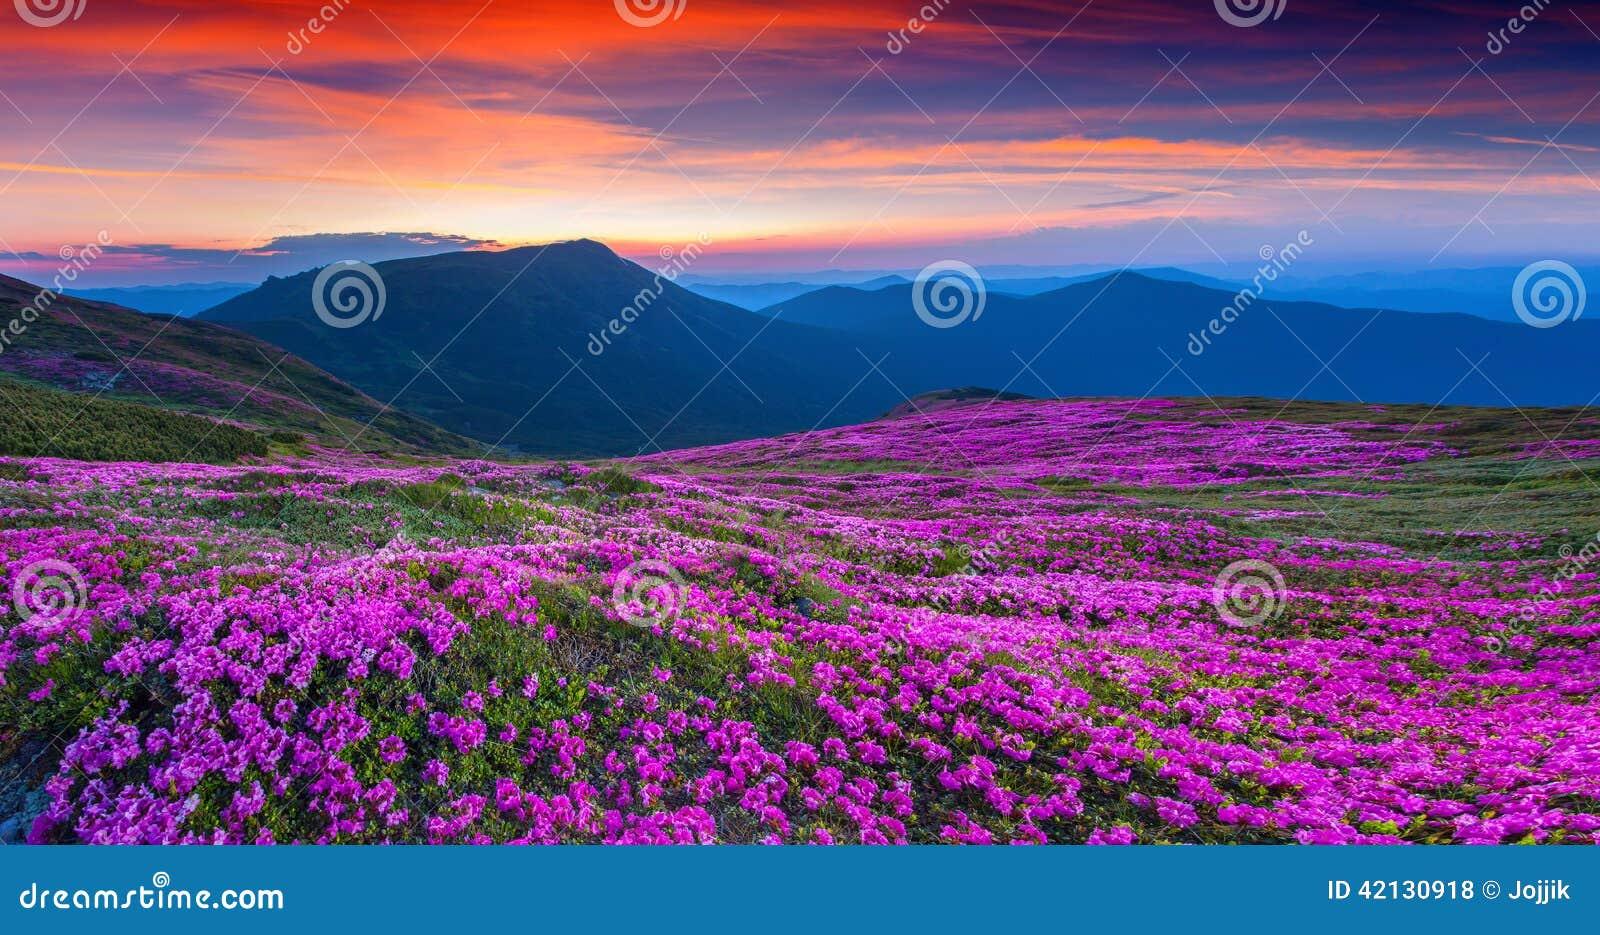 Μαγικά ρόδινα rhododendron λουλούδια στο θερινό βουνό